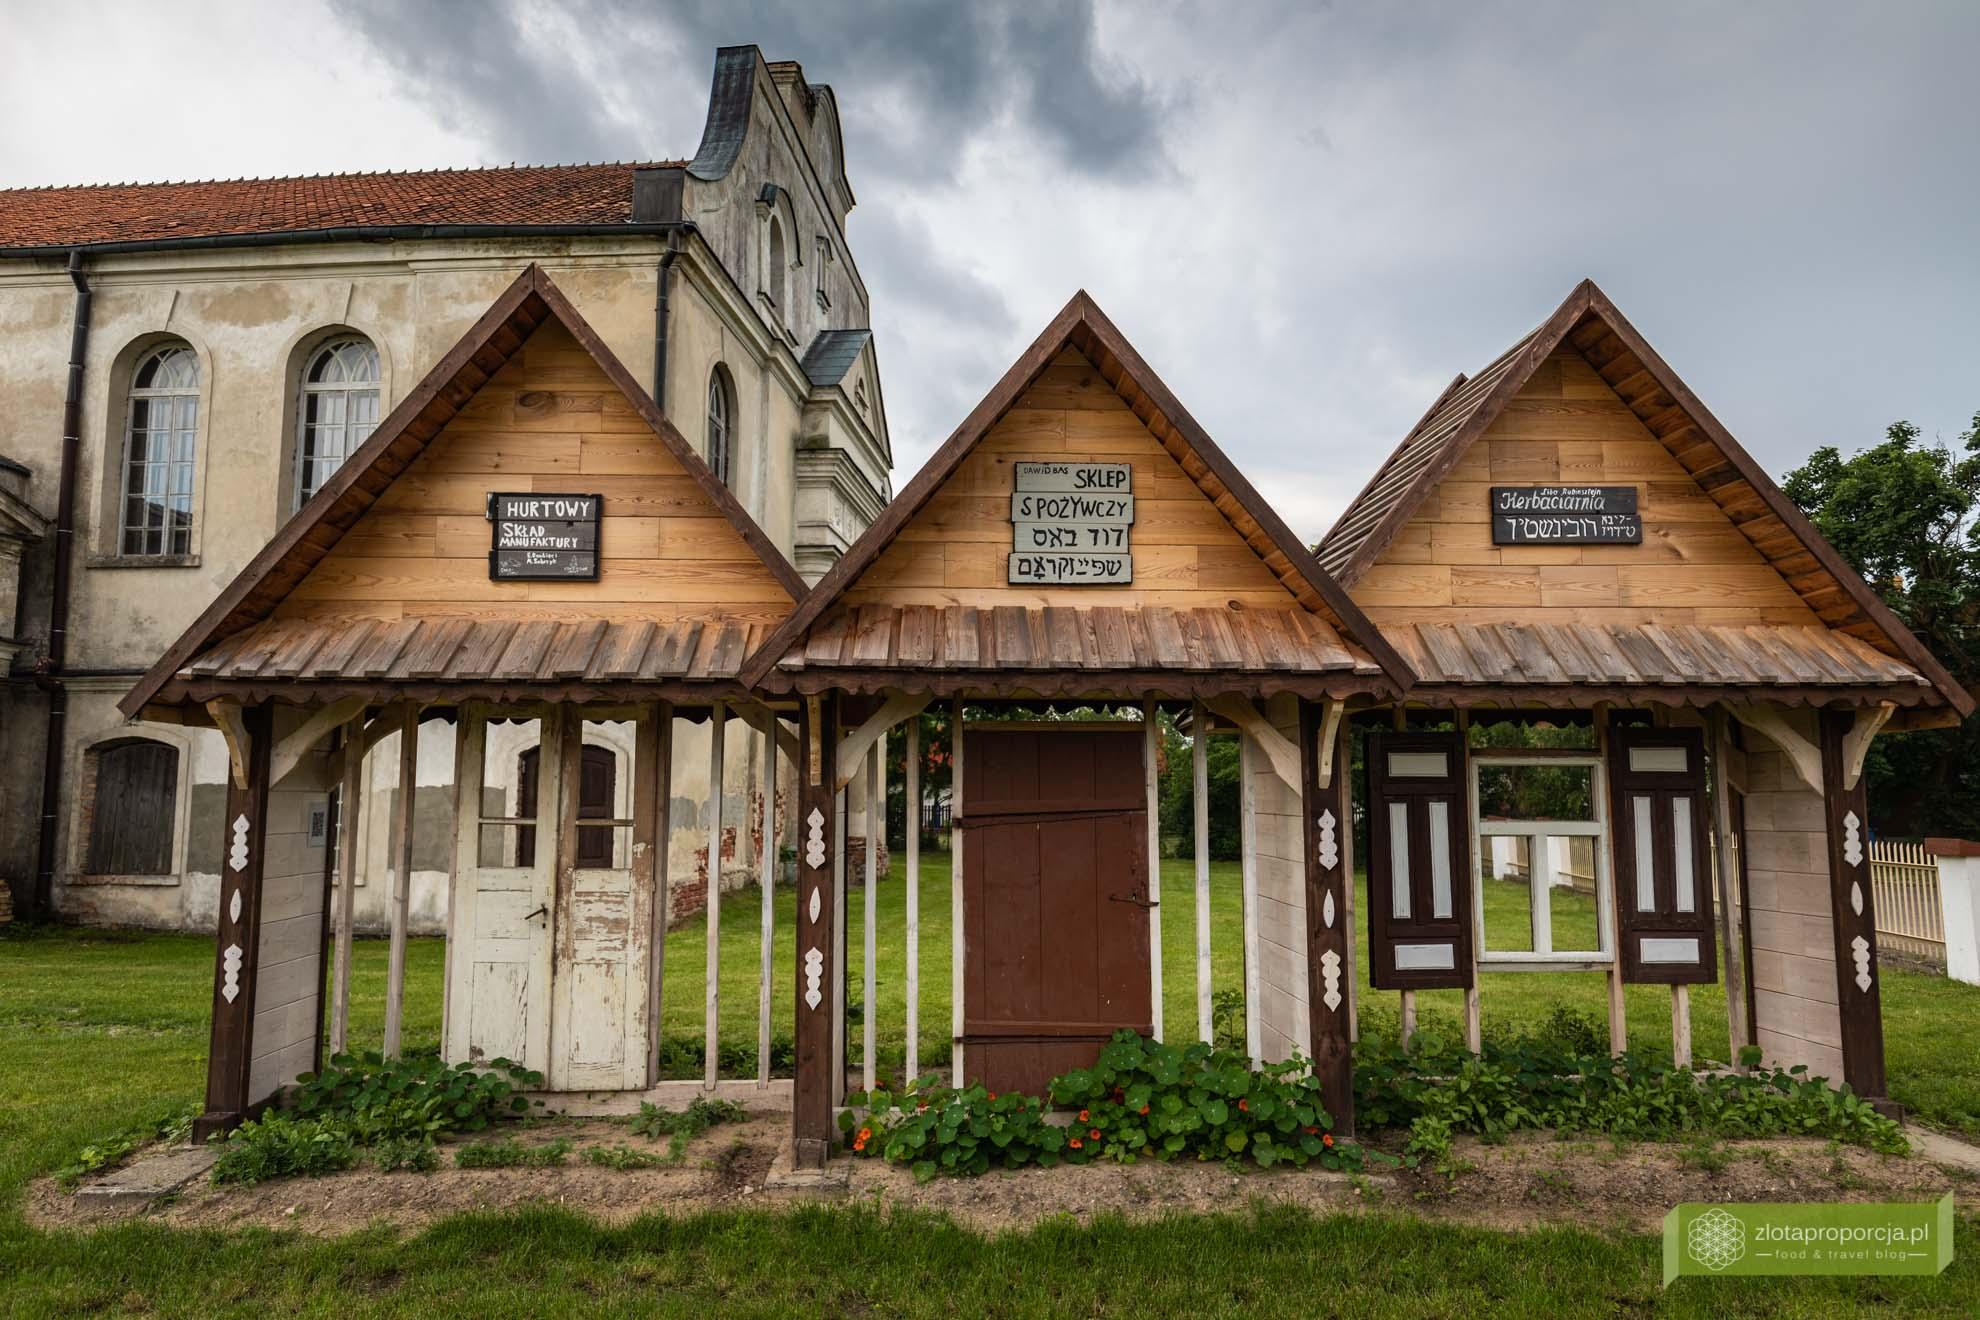 Podlasie; Podlasie rowerem; szlak drewnianych cerkwi Podlasie; okolice Hajnówki; Orla; Orla atrakcje; Orla synagoga; Podlasie synagoga; najpiękniejsze cerkwie na Podlasiu;